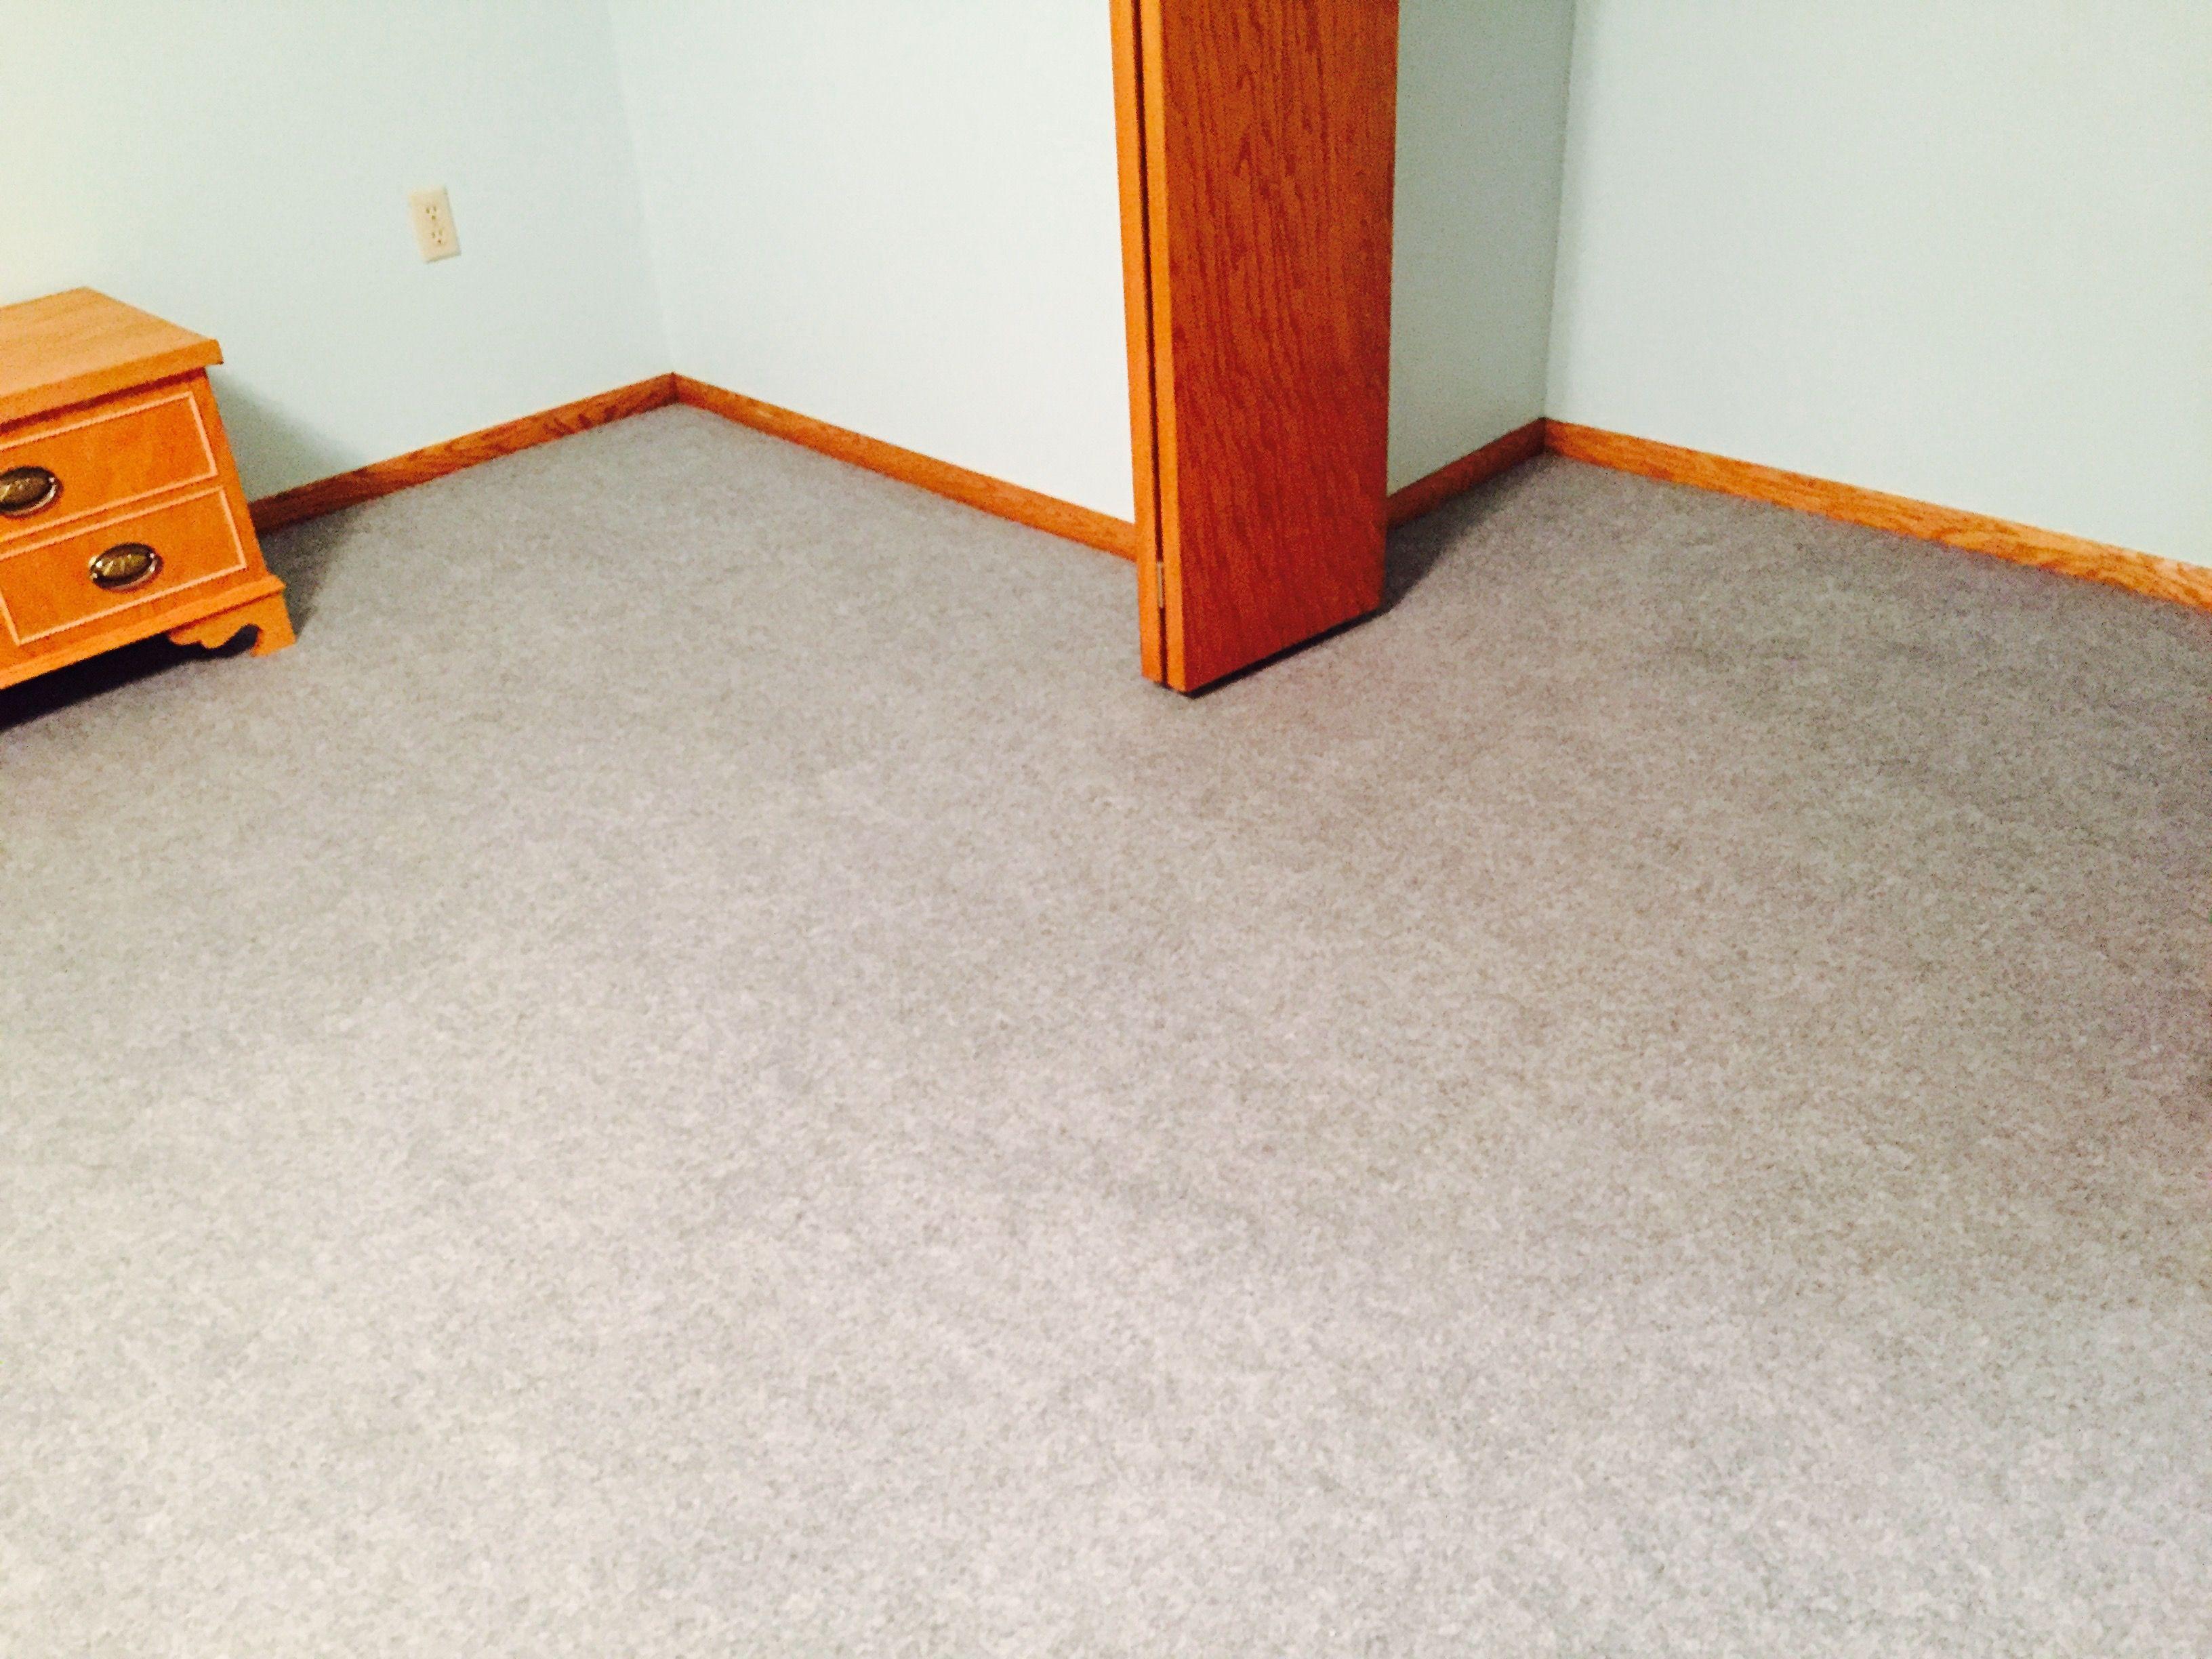 Interlocking Carpet Tiles Squares Carpet Tiles Interlocking Carpet Tile Modular Carpet Tiles